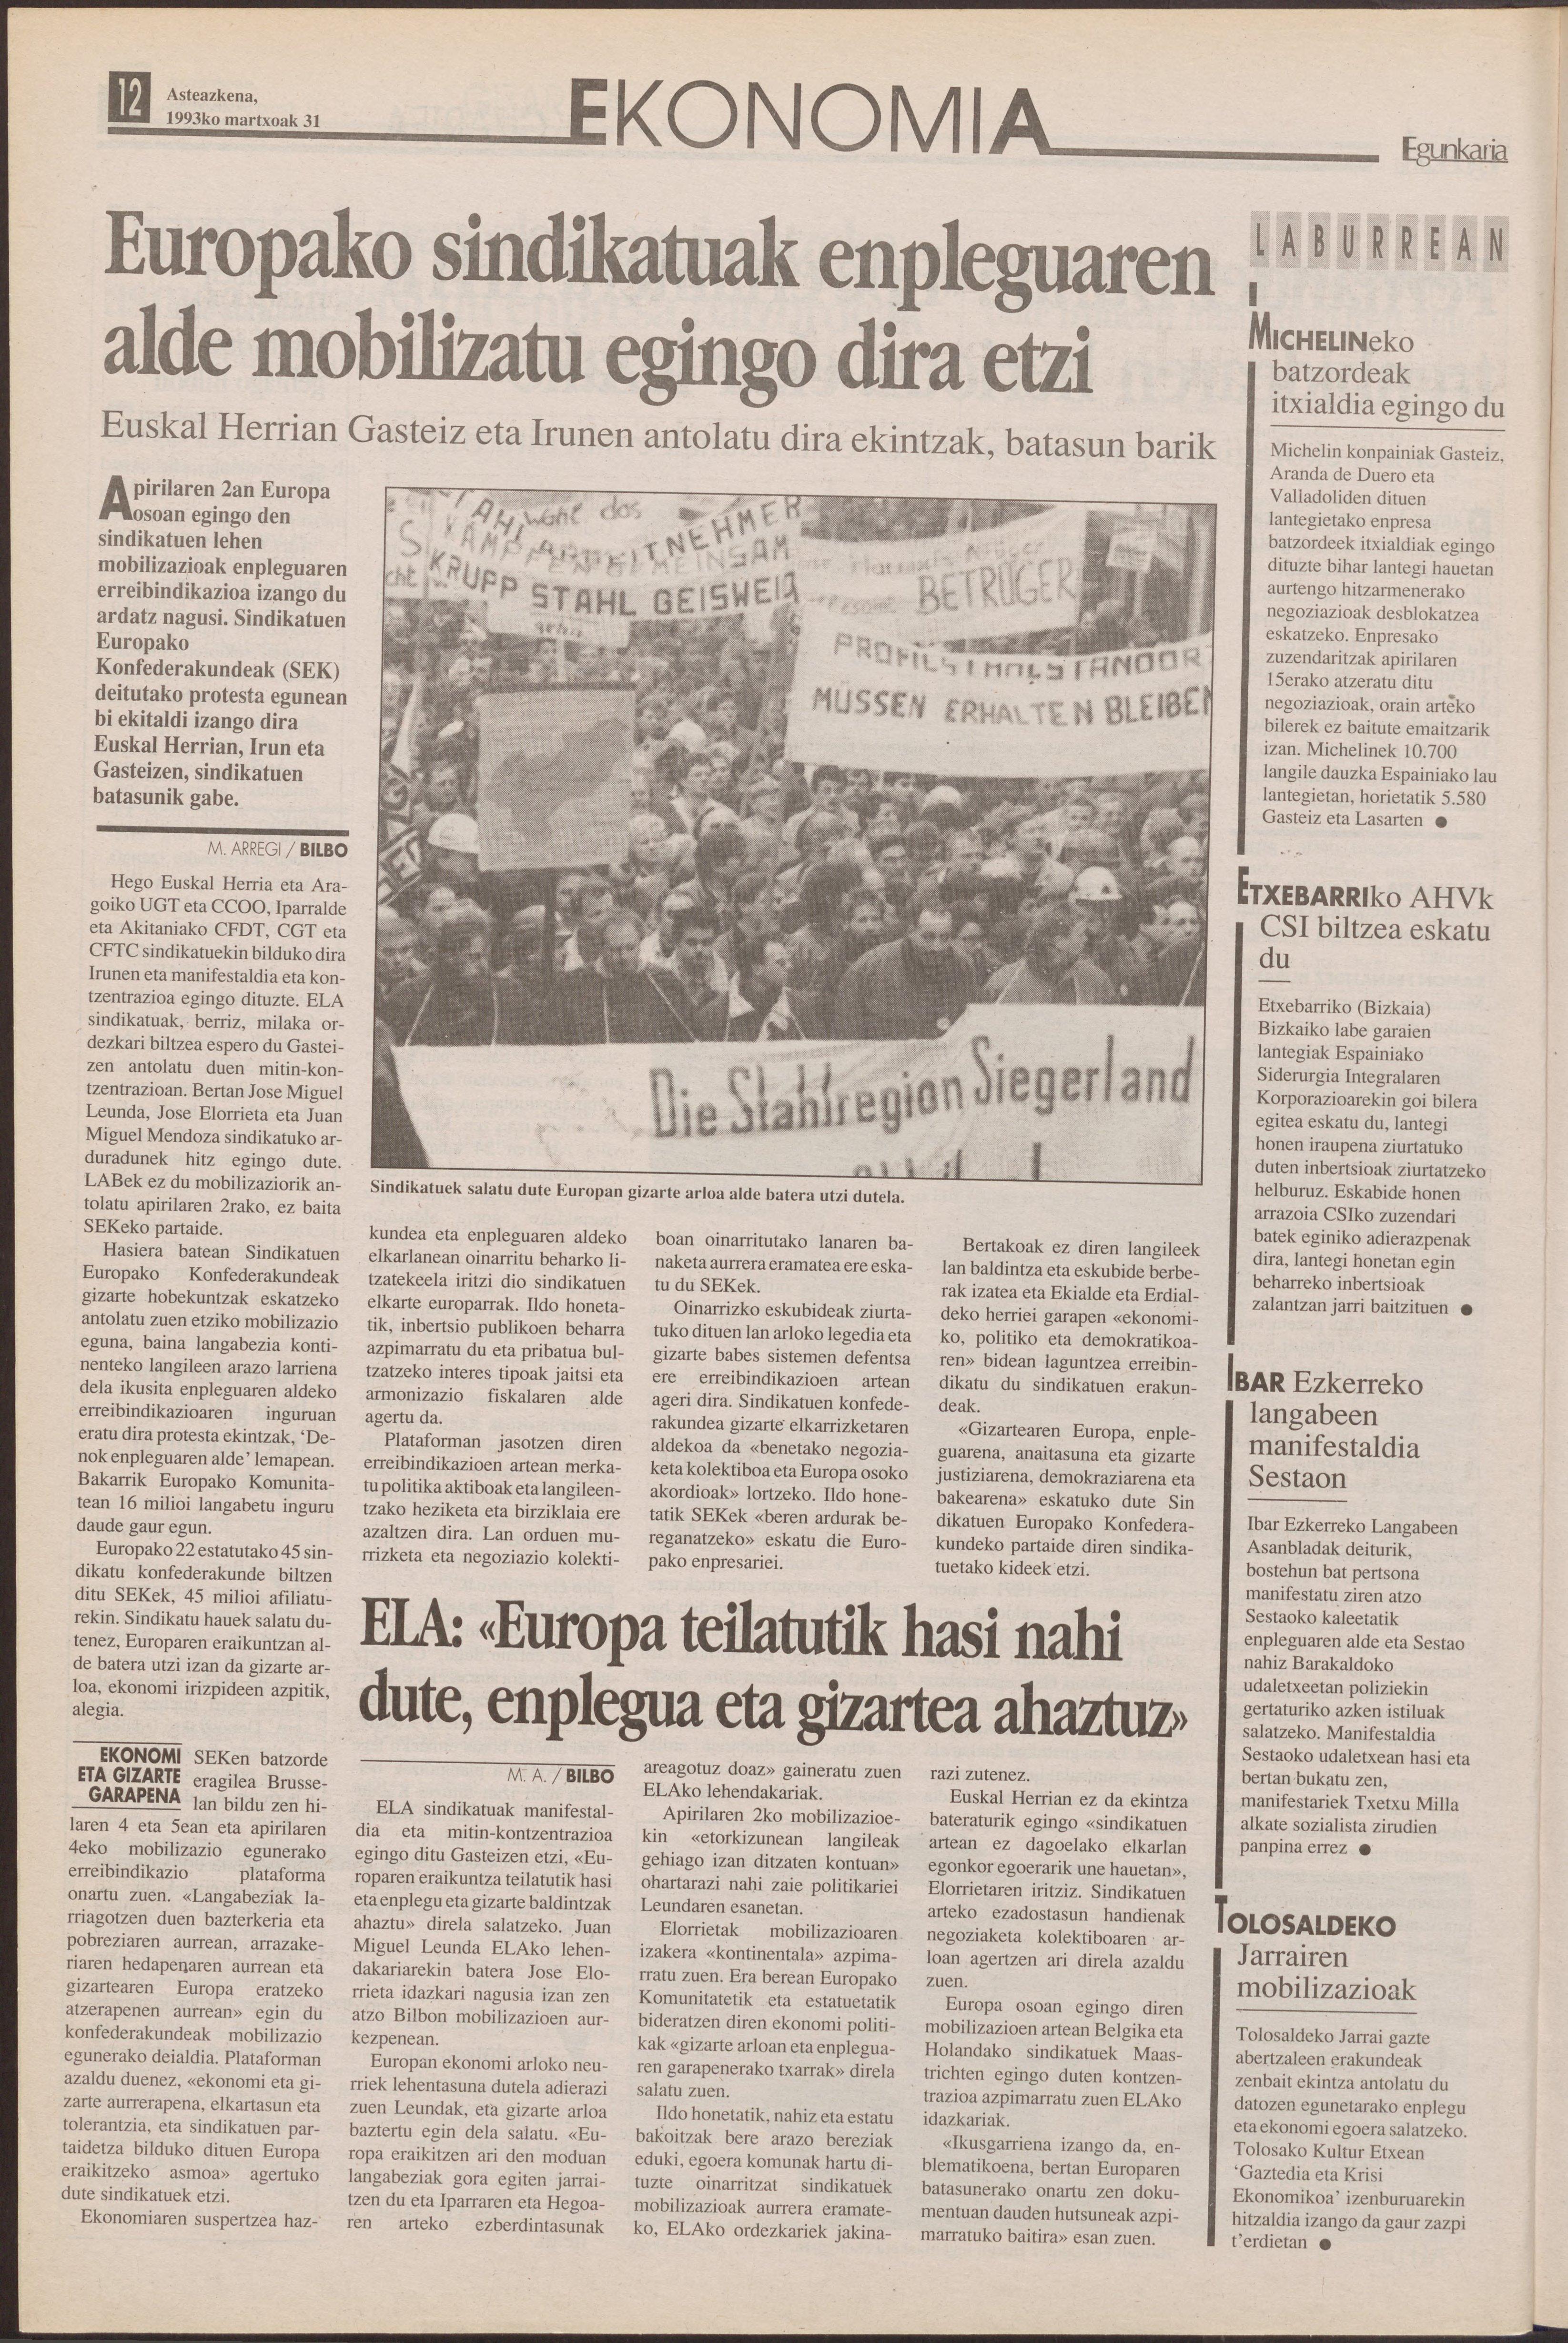 1993ko martxoak 31, 12. orrialdea